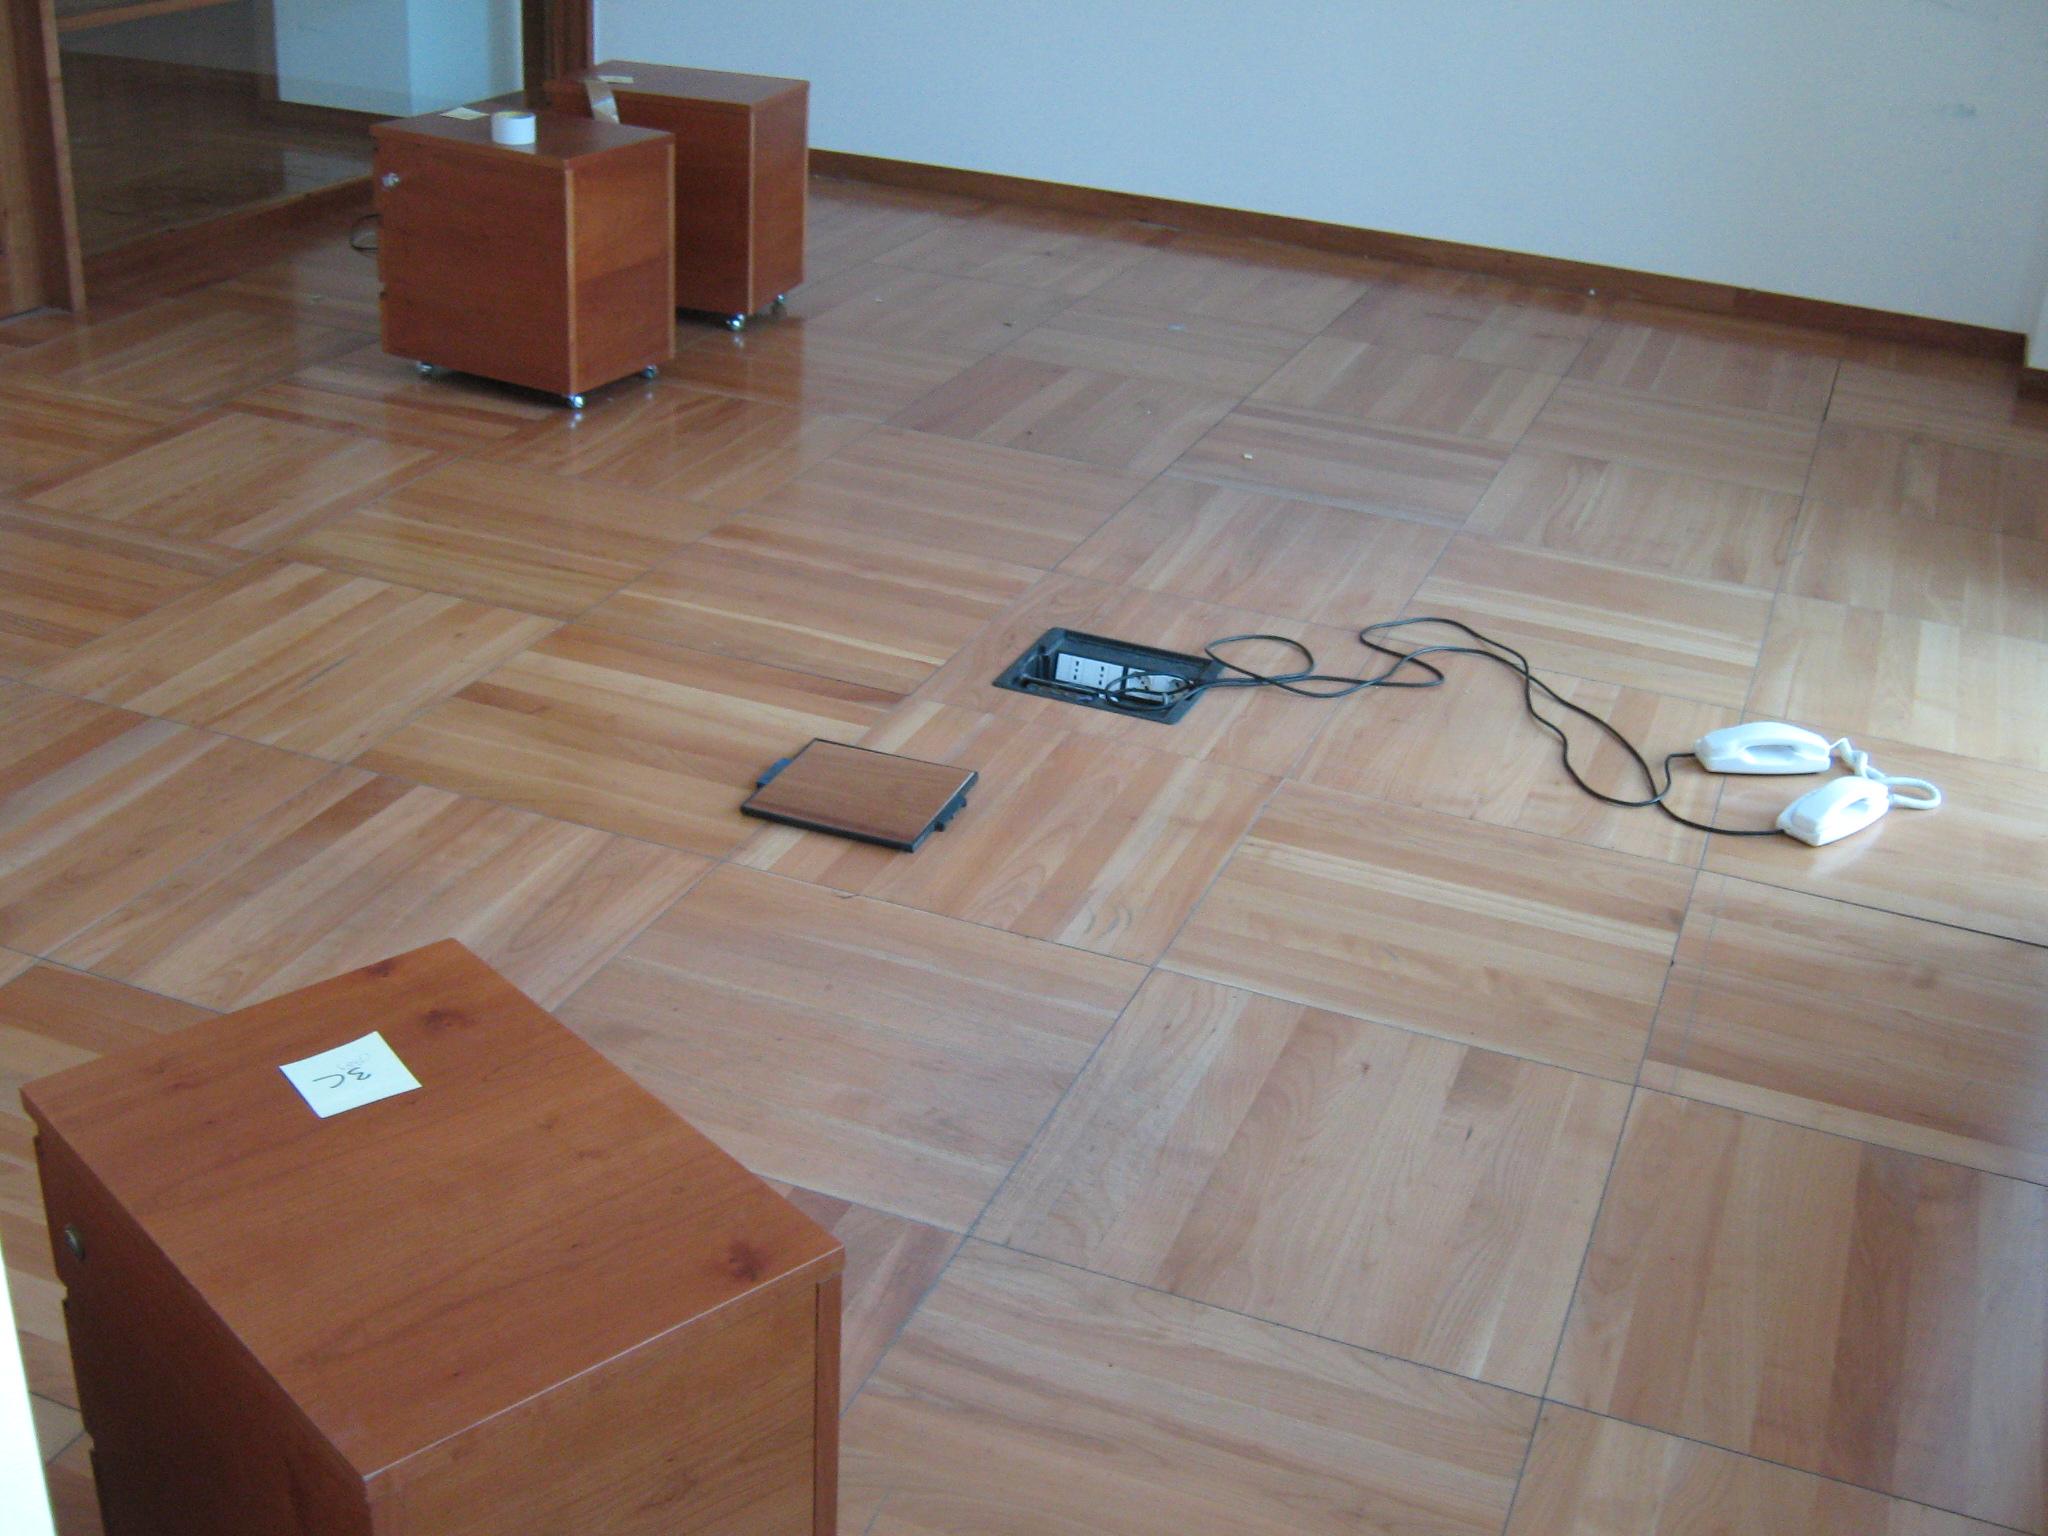 8. Pavimento galleggiante in parquet di doghe in legno disposte a quadri regolari con predisposizione di prese elettriche: stato di fatto